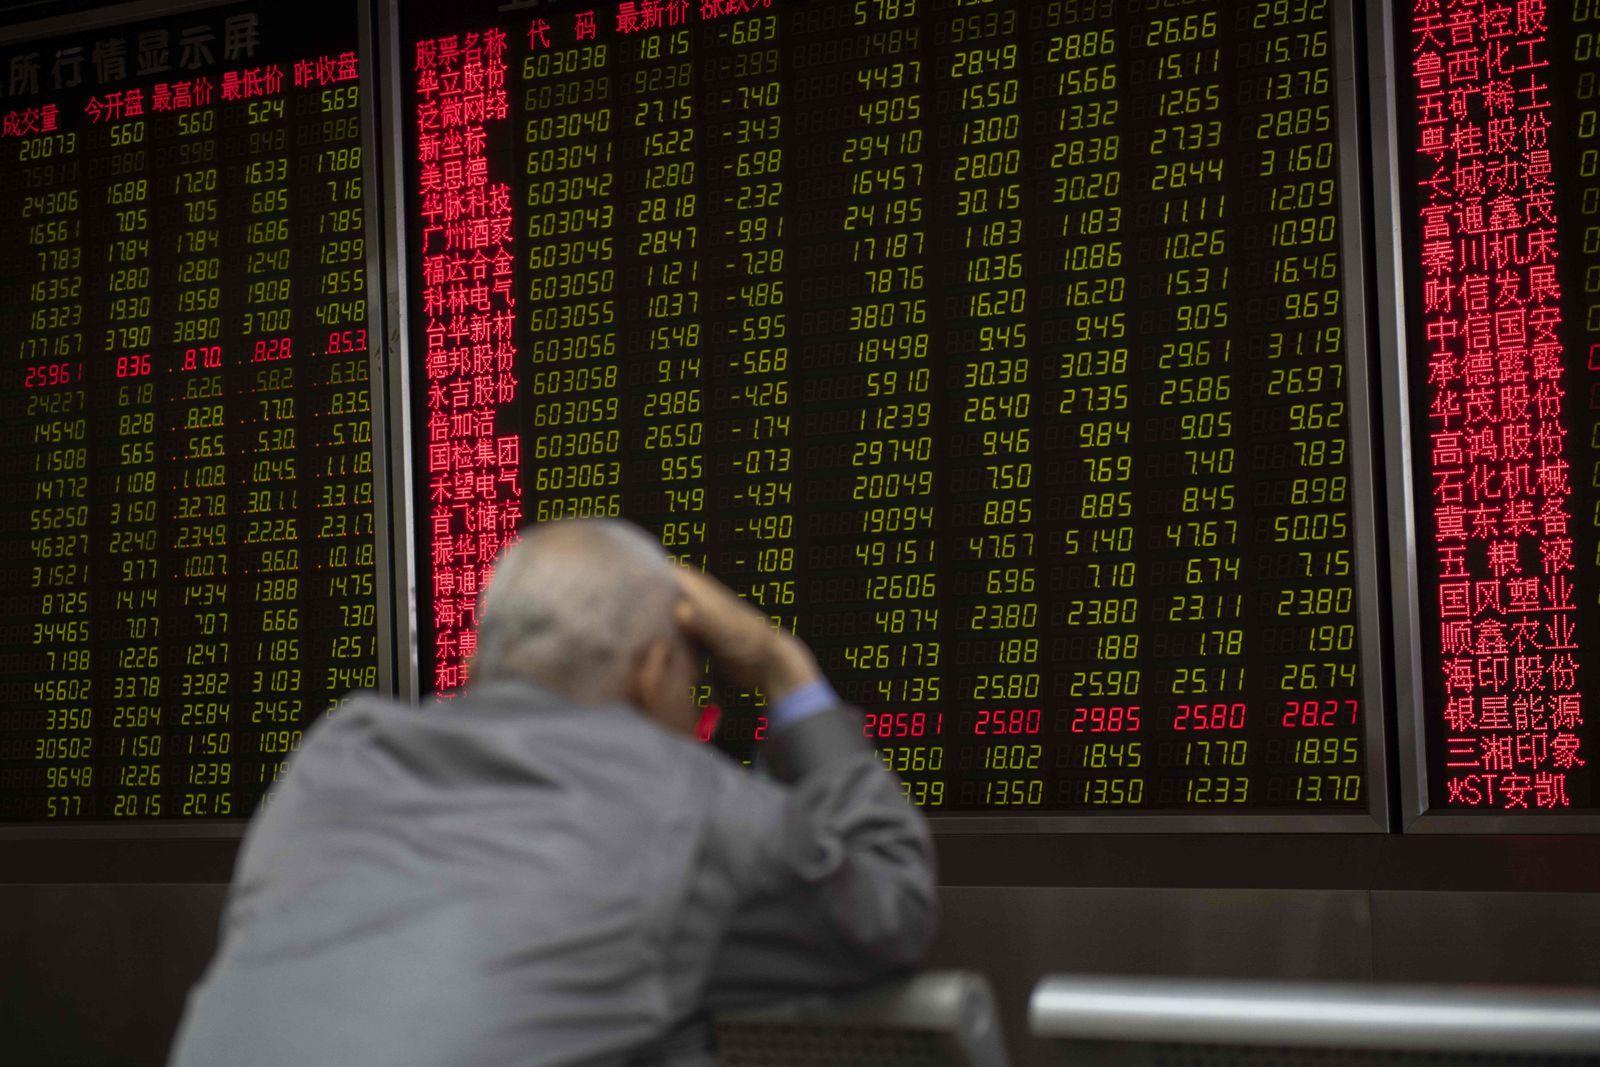 CHINA-HONG KONG-STOCKS